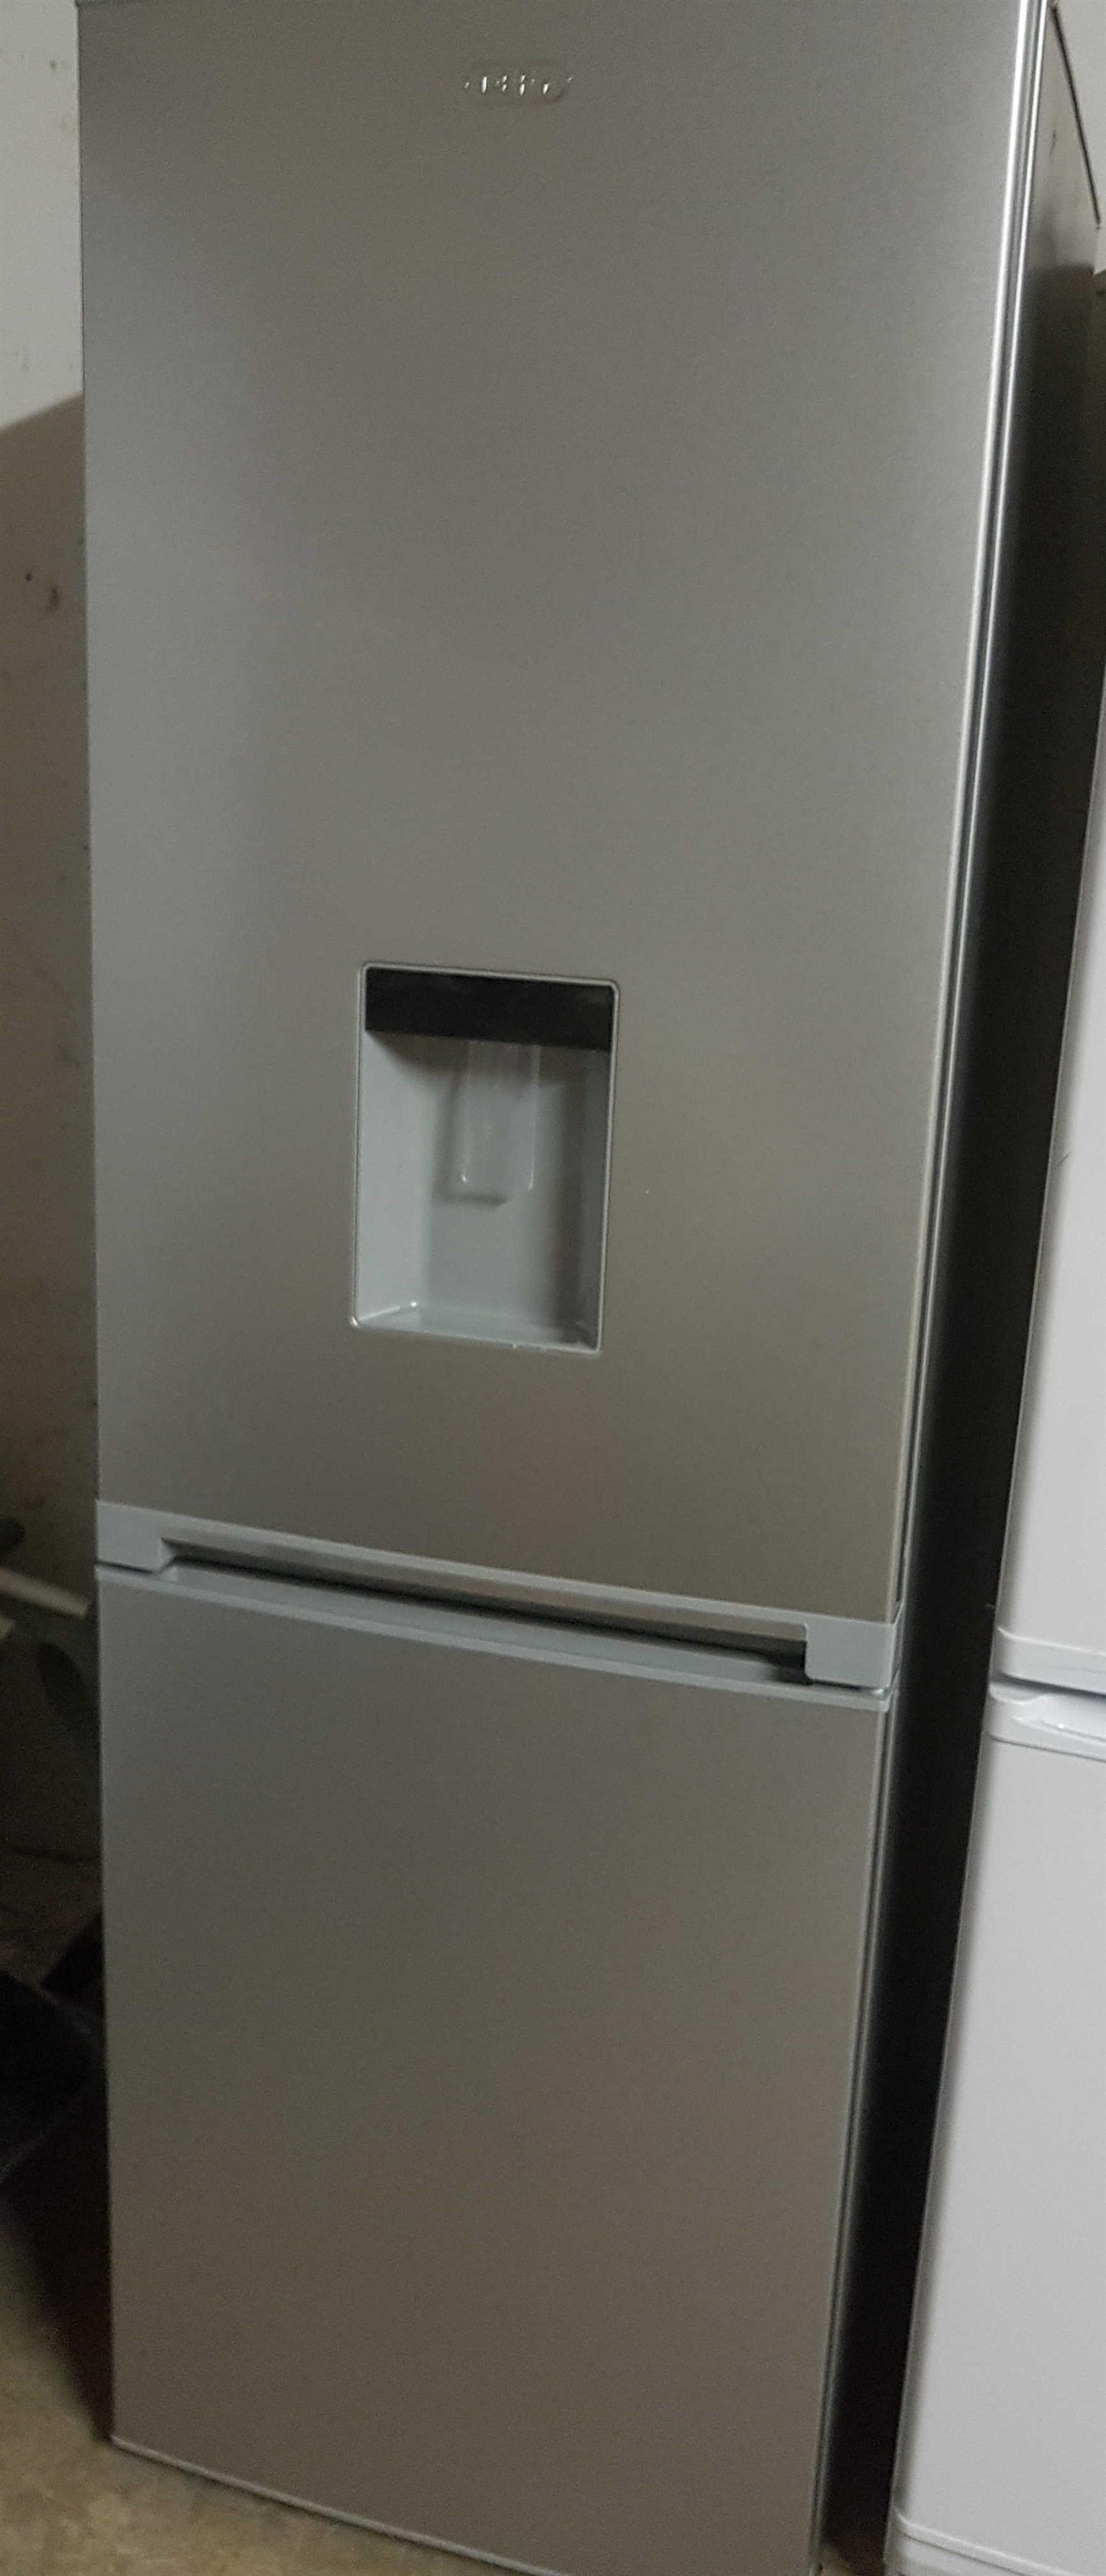 Glass Door Fridge In Fridges And Freezers In Gauteng Junk Mail